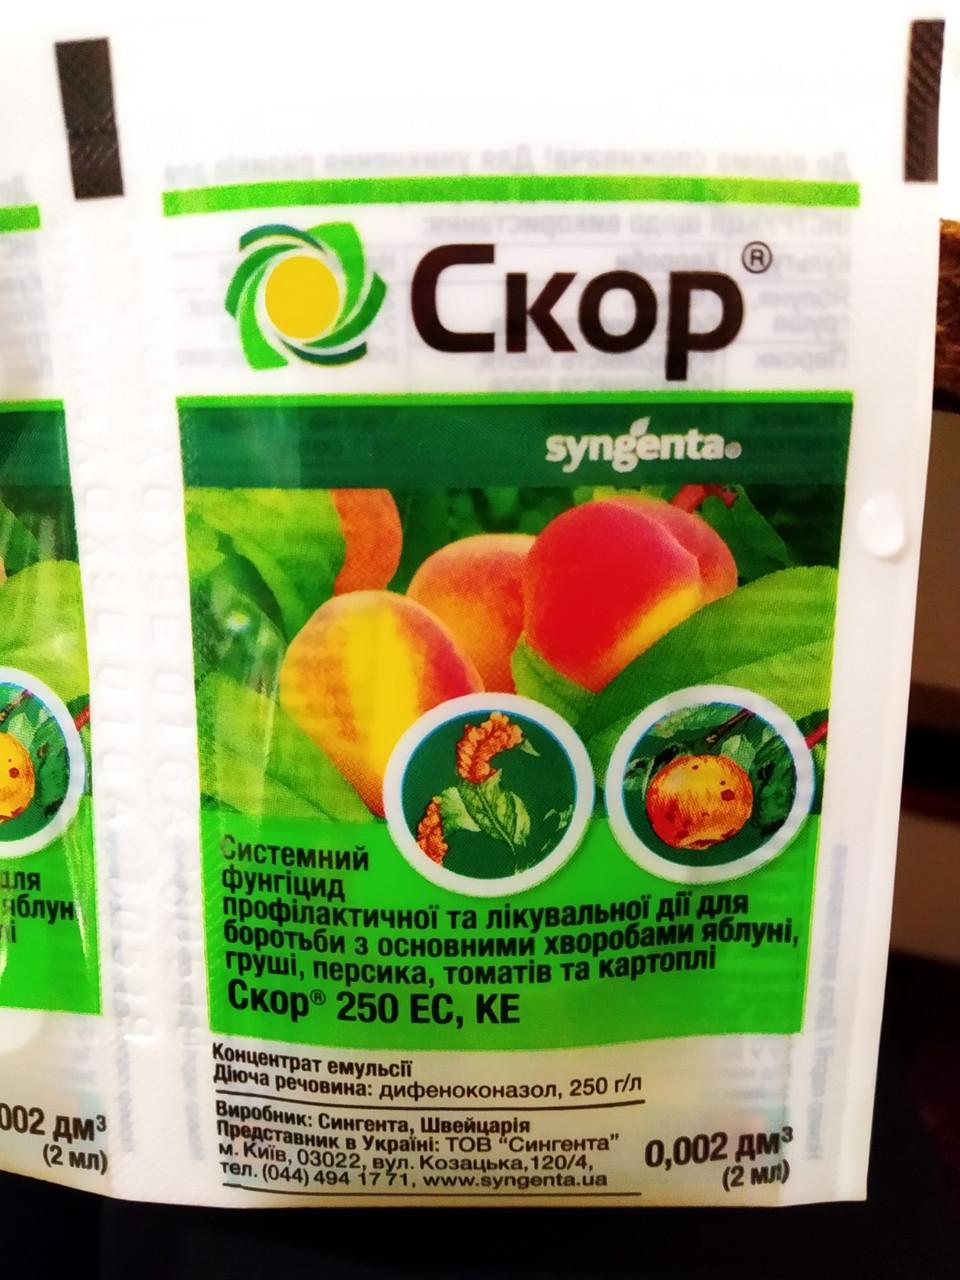 Системный фунгицид для яблони, персика, томата, картошки Скор 250 ЕС, КЕ Syngenta, 2 мл Швейцария